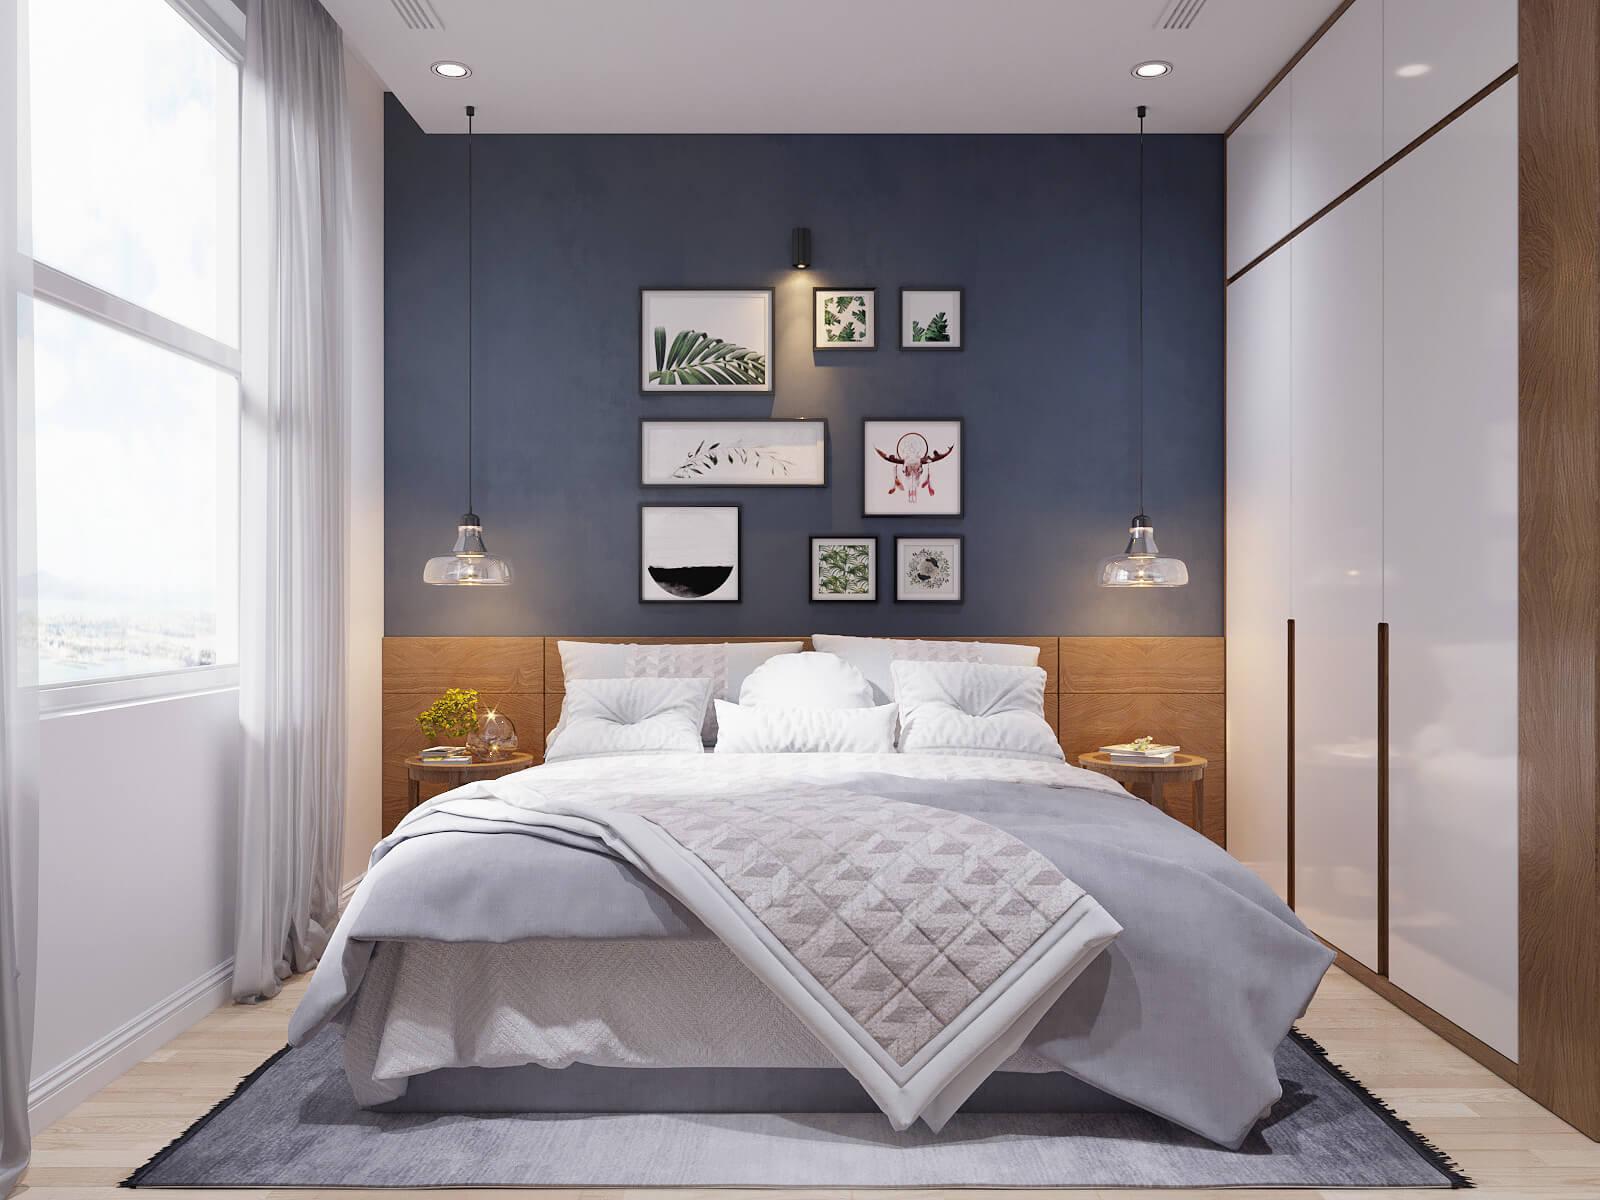 mẫu thiết kế nội thất chung cư scandinavia 6